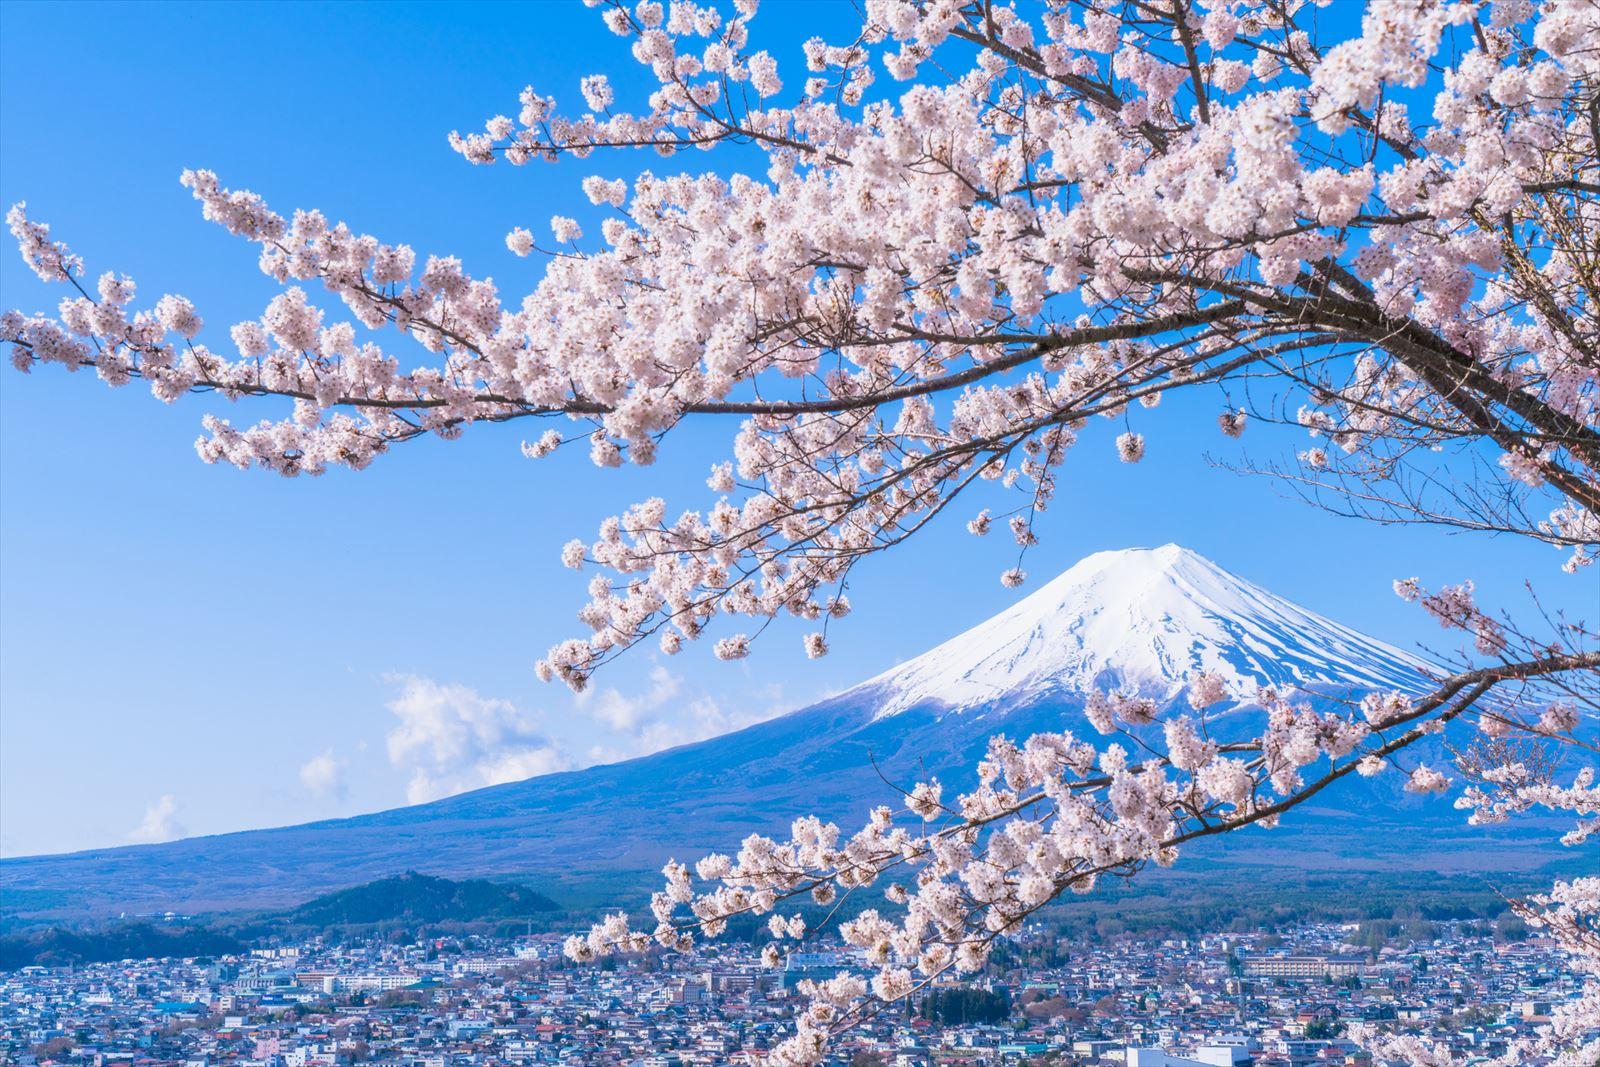 冬が終わり、暖かくなってきてどこか旅行に出かけたいと考えている方もいるのではないでしょうか。今回は、春(4月~5月)におすすめの観光地をご紹介します。